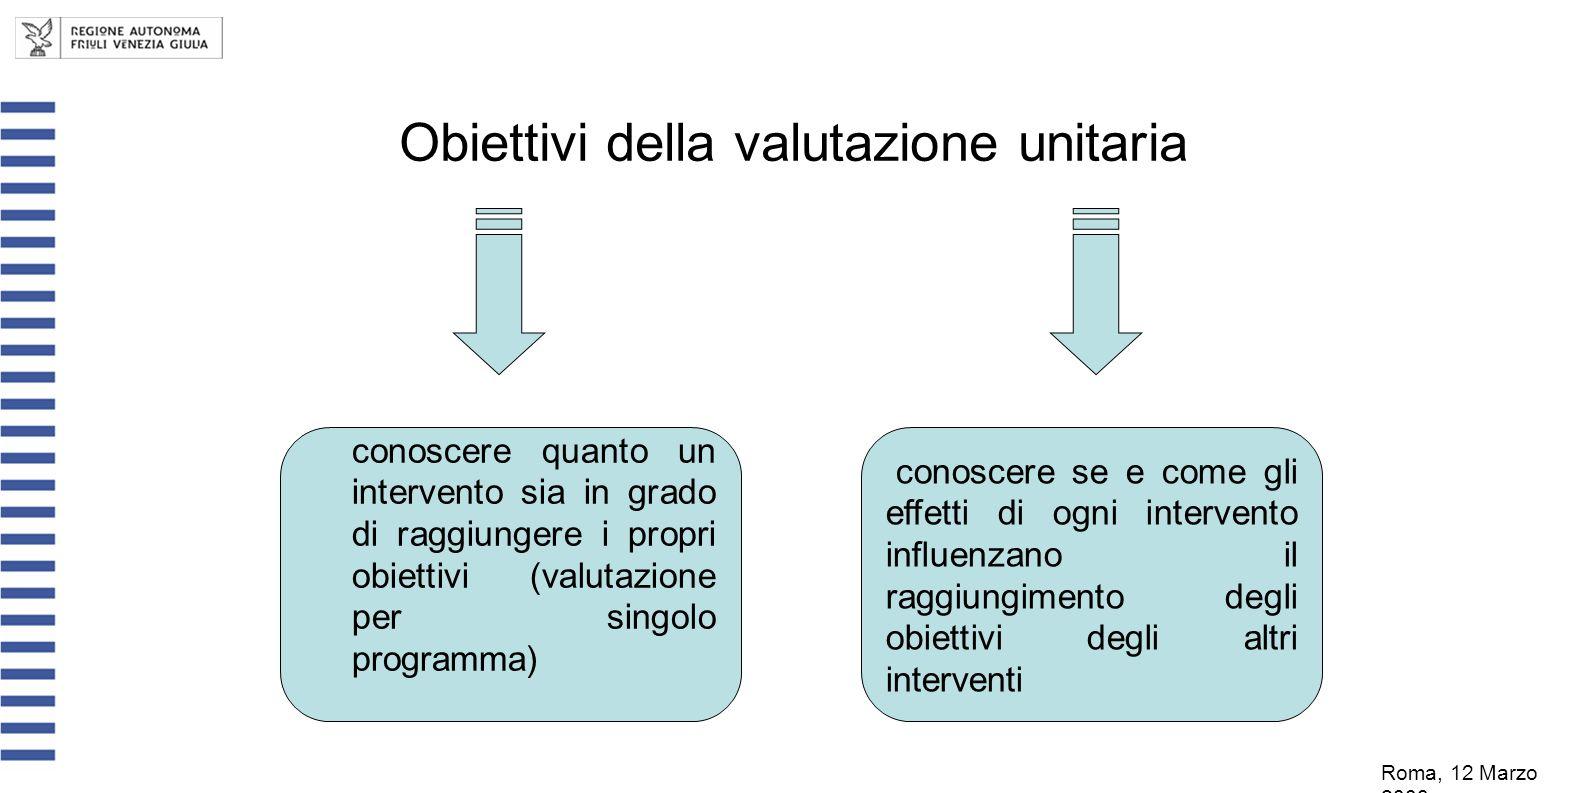 Le informazioni raccolte nei rapporti di valutazione dei singoli programmi non sono sufficienti: Roma, 12 Marzo 2008 analisi dei set informativi (dati e indicatori) utilizzati nei singoli programmi individuazione di eventuali set informativi aggiuntivi coordinamento tra i diversi soggetti valutatori per coerenza delle informazioni